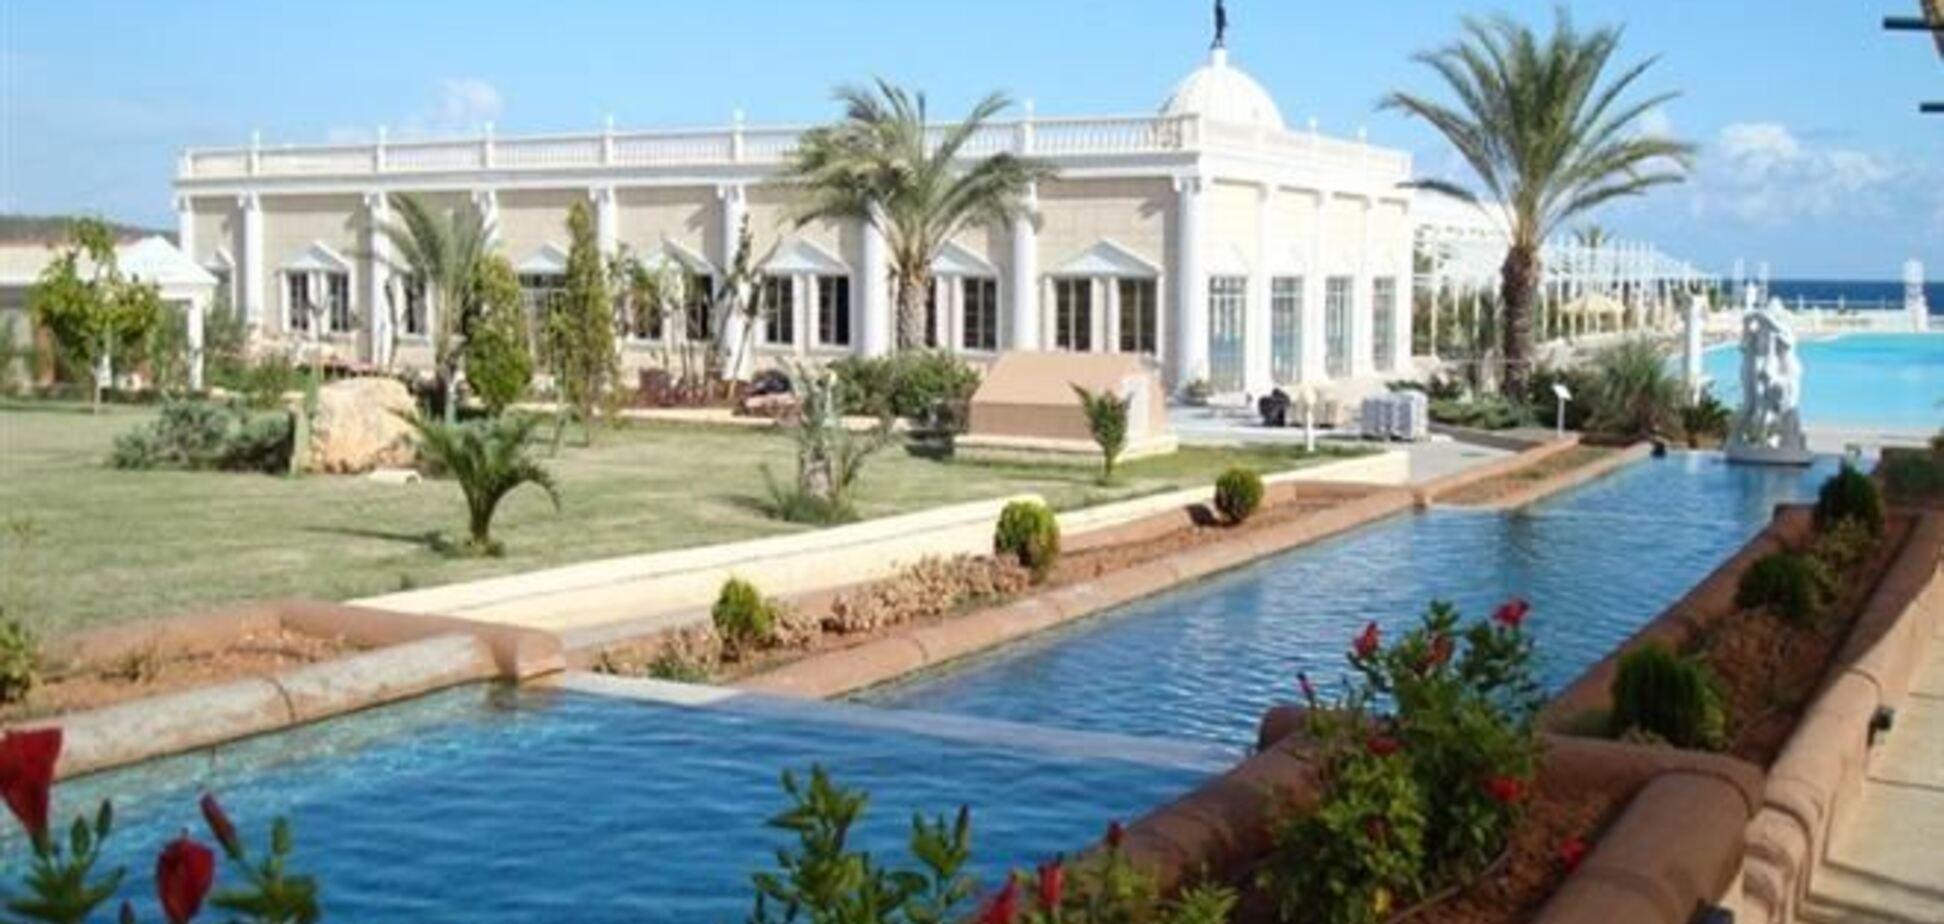 Кипрские власти  заставят владельцев недвижимости снизить арендную плату